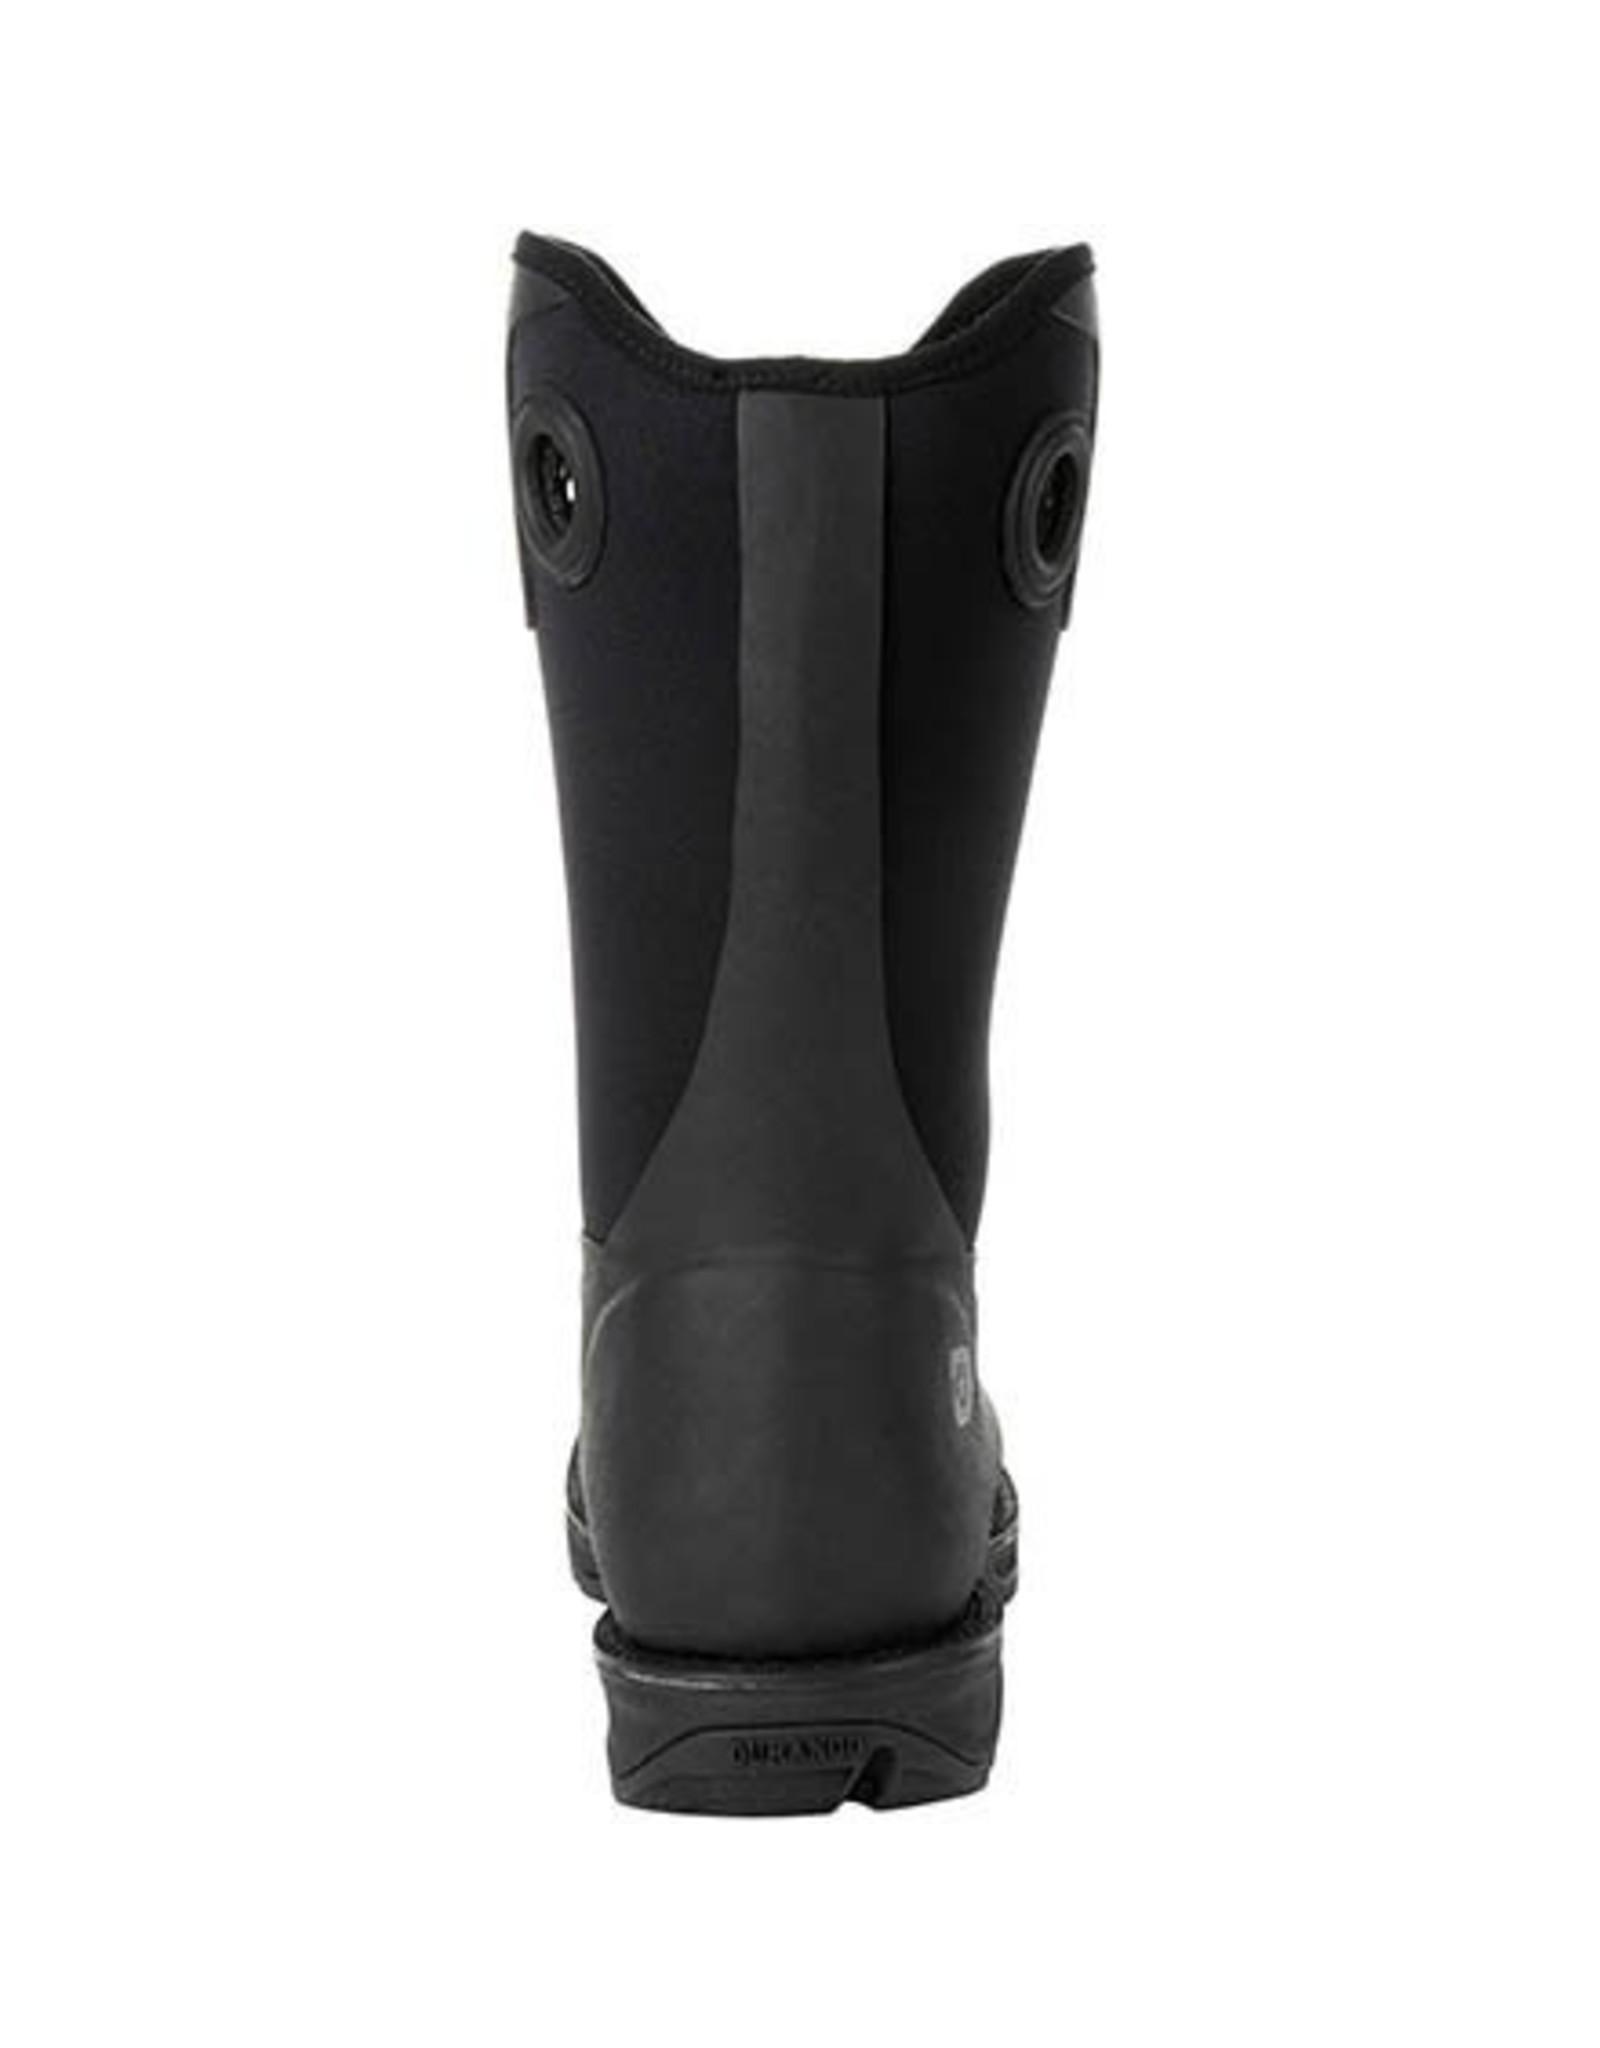 Boots-Men Durango DDB0209 Rebel Rancher Black Boot